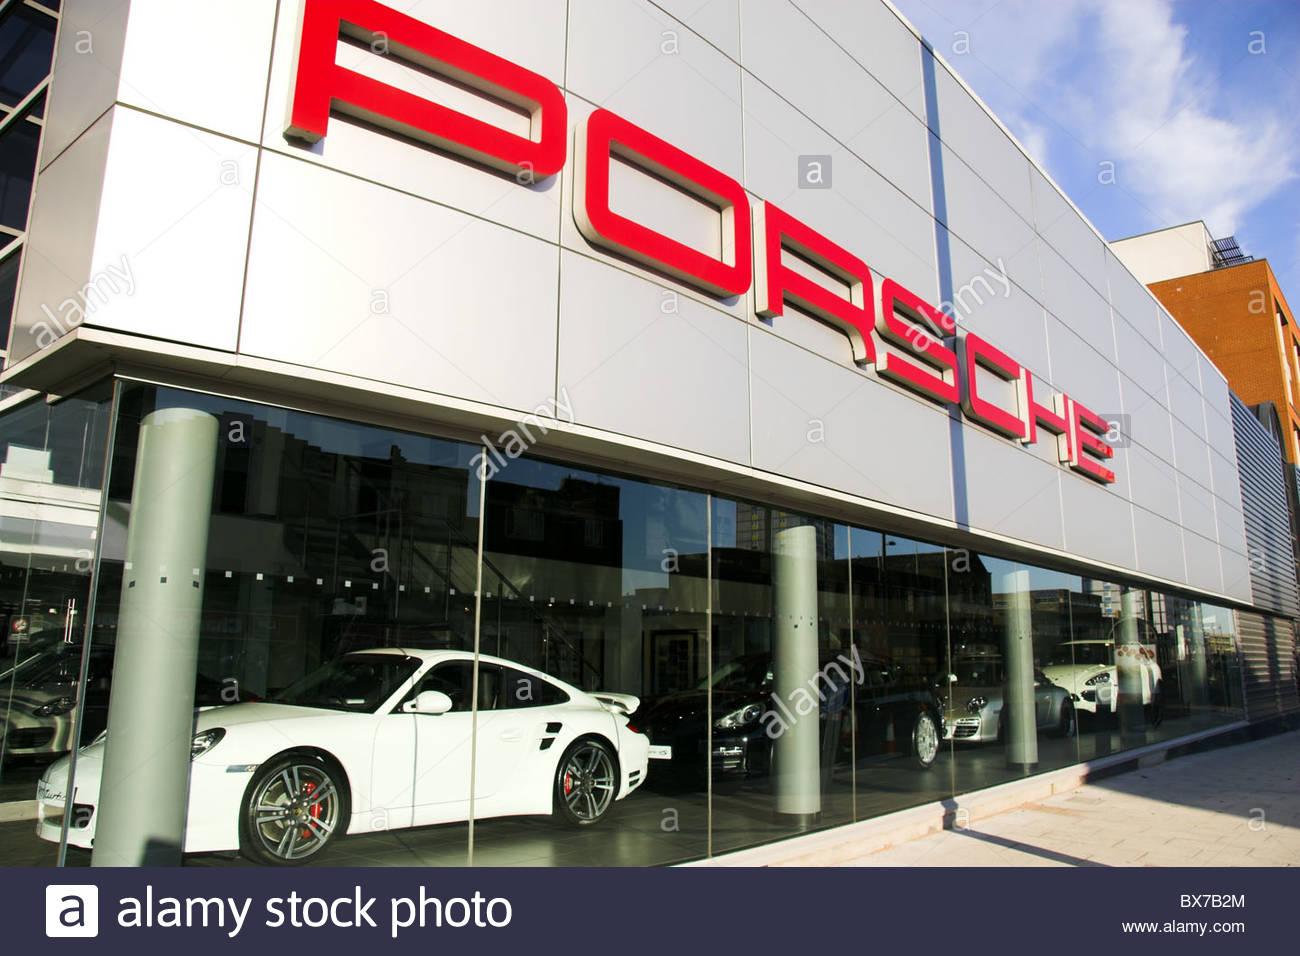 Porsche Car Showroom Stock Photos Amp Porsche Car Showroom